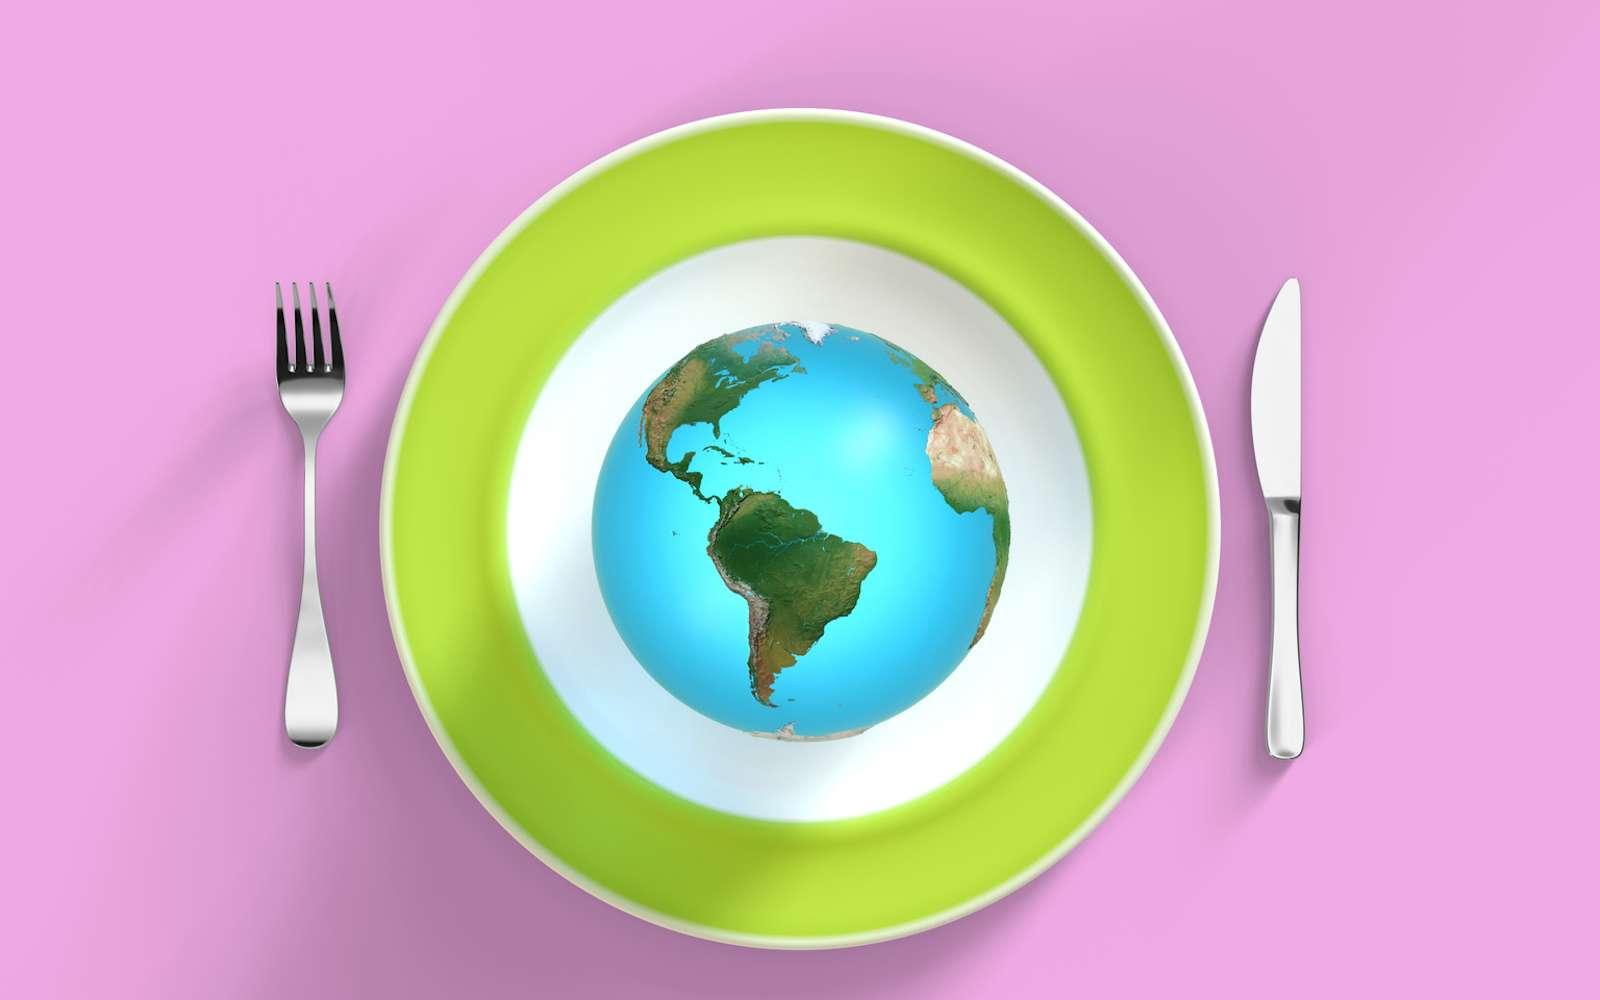 L'alimentation mondiale se transforme sous l'effet de la hausse des revenus et de l'urbanisation. © ouh_desire, Fotolia